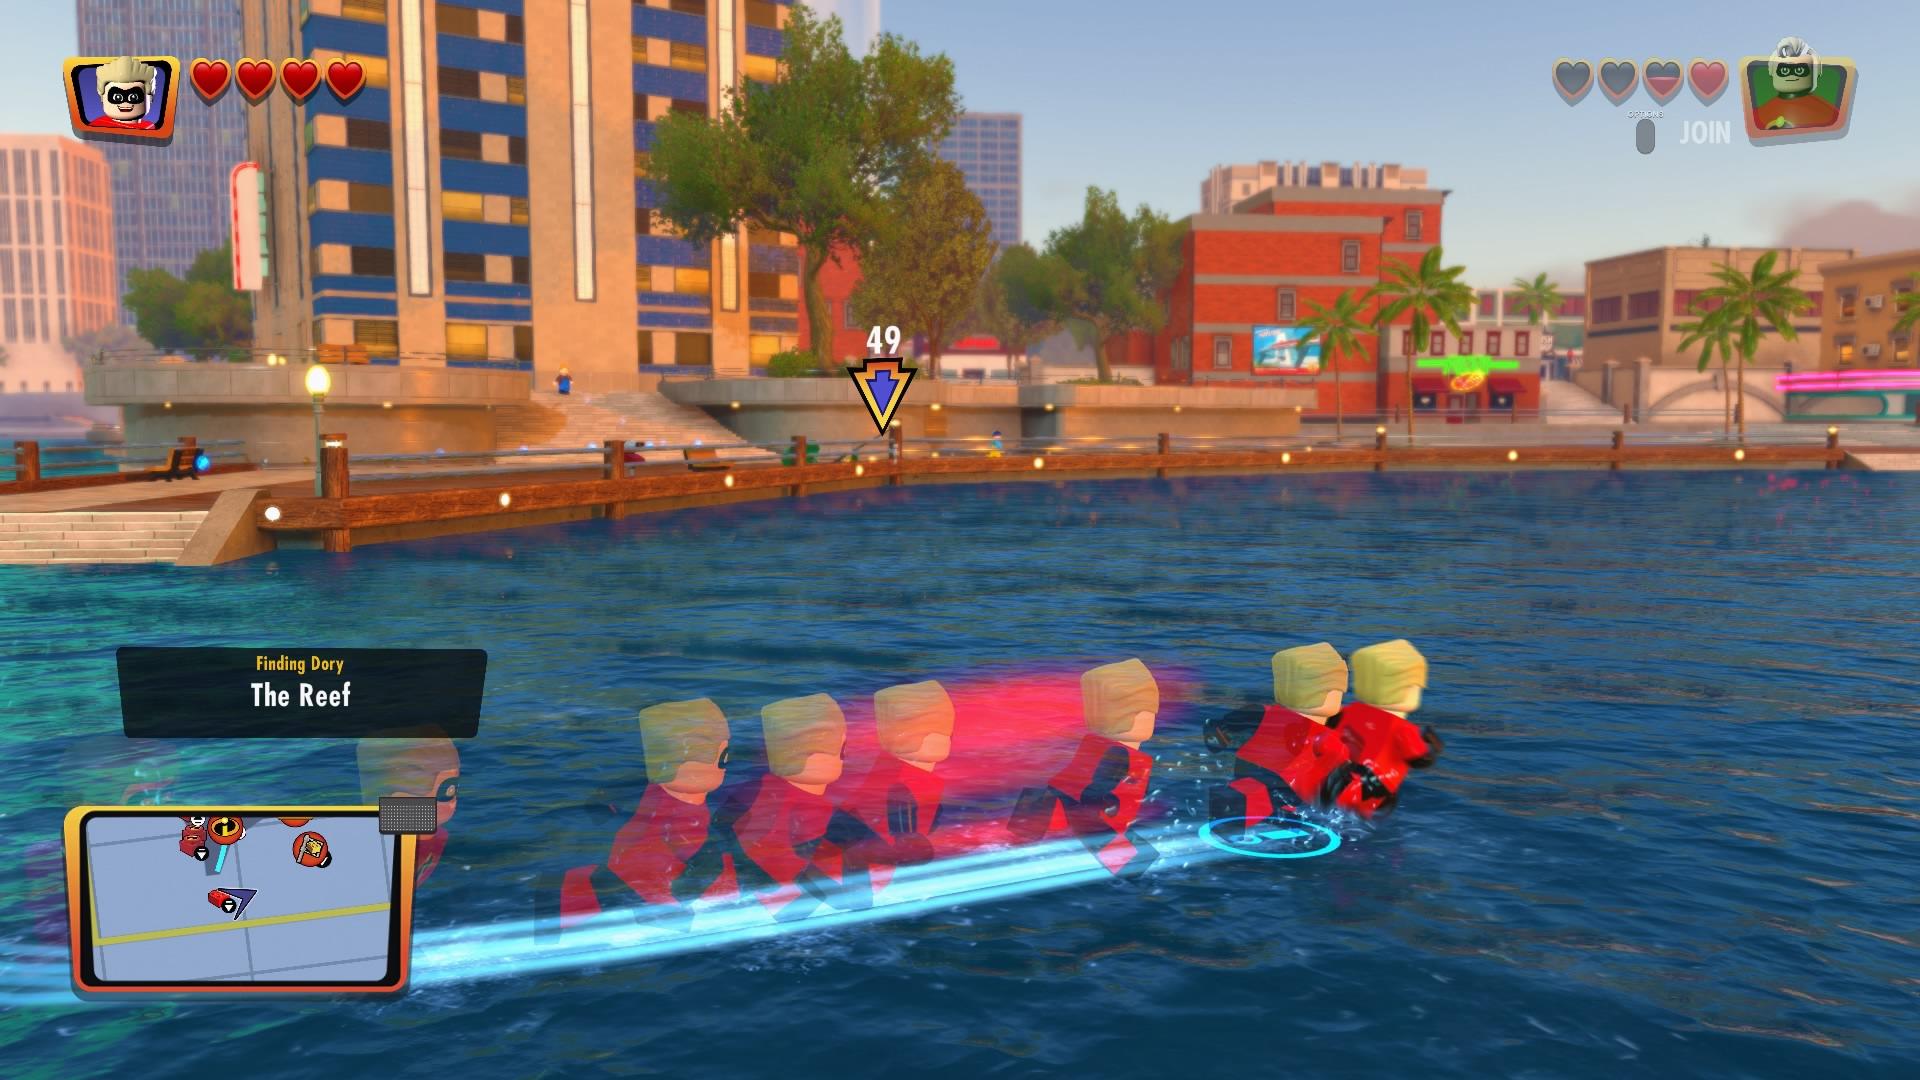 Lego The Incredibles dash